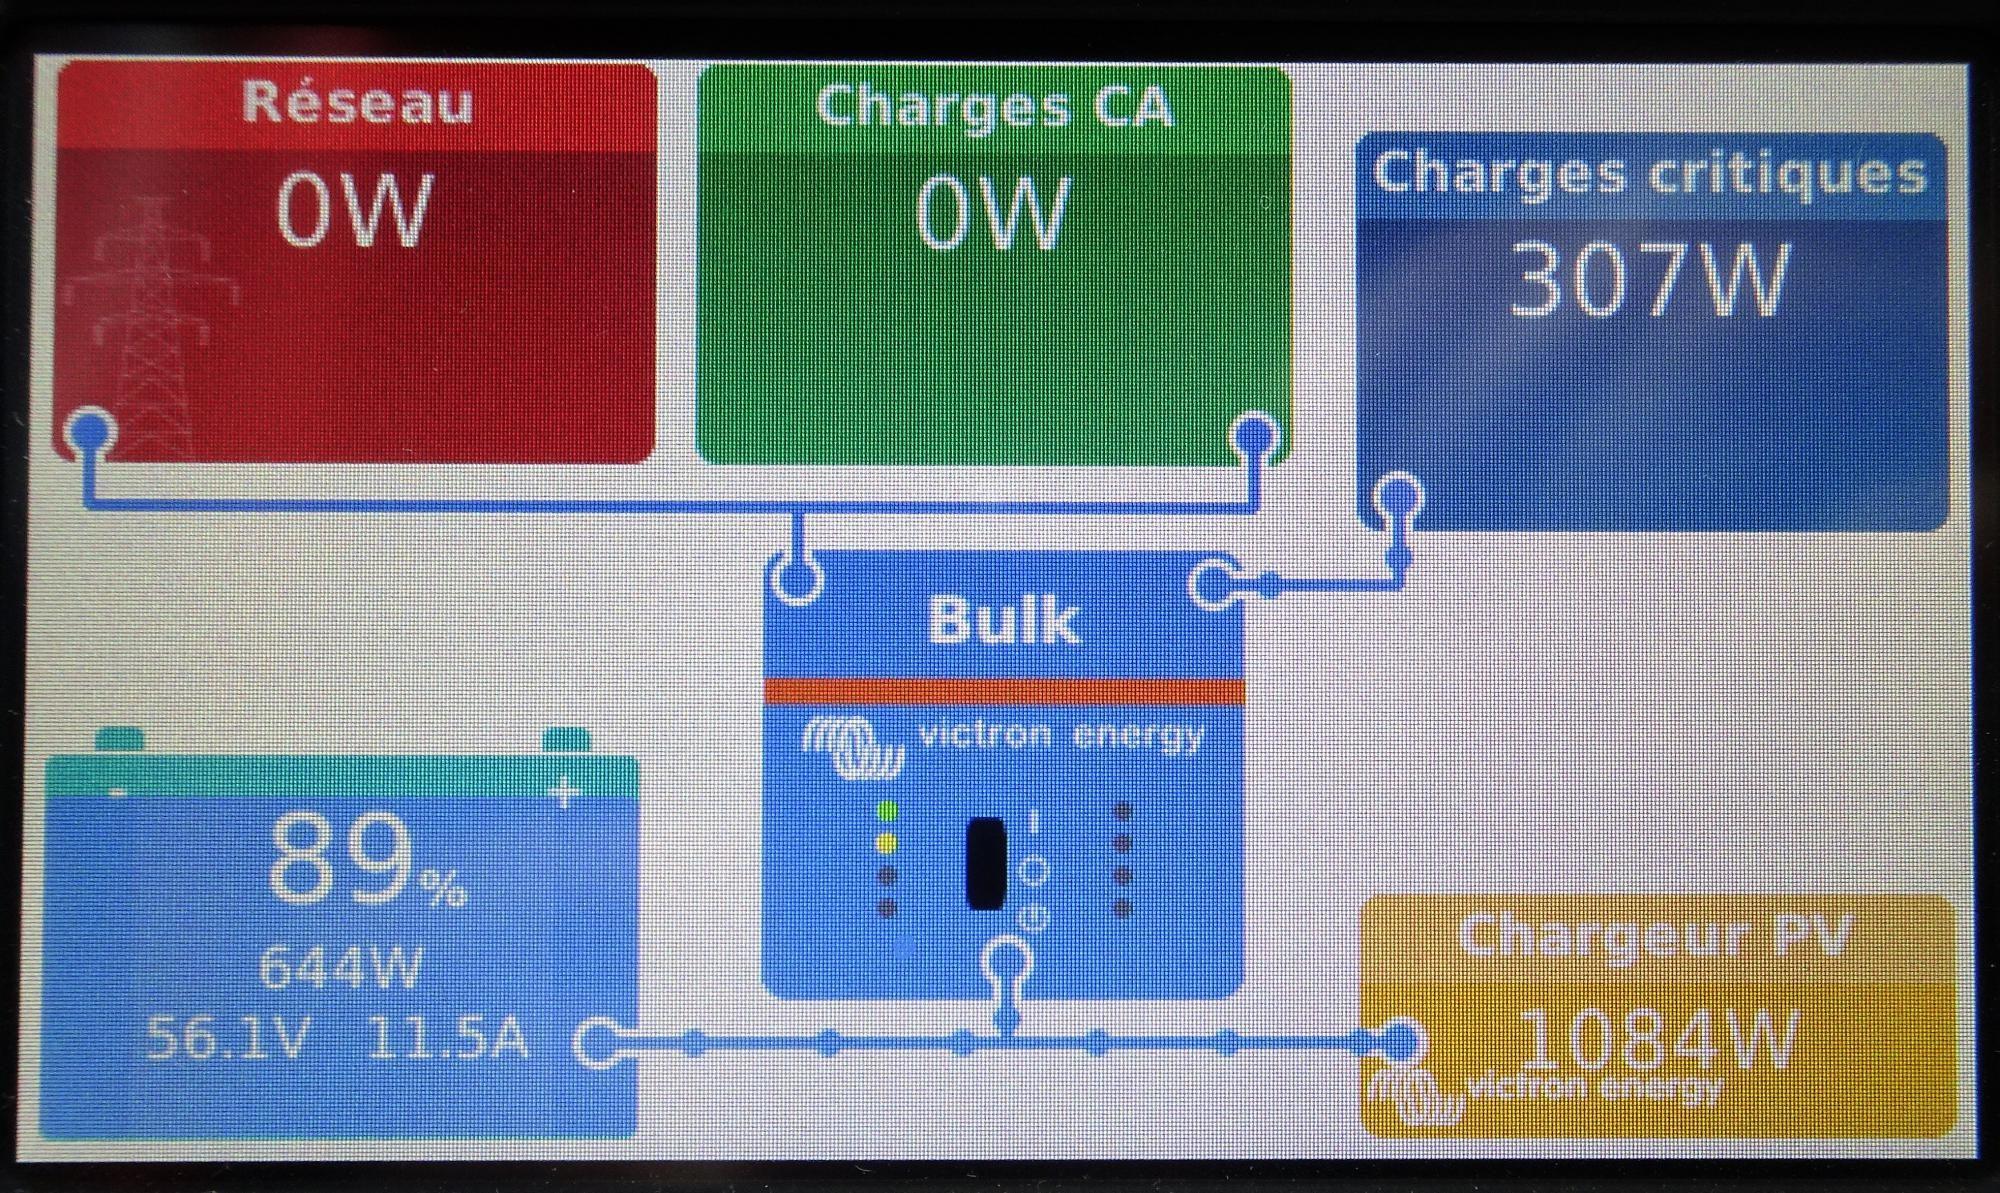 Application de gestion du suiveur solaire tournesol disponible sur smartphone, tablette et ordinateur